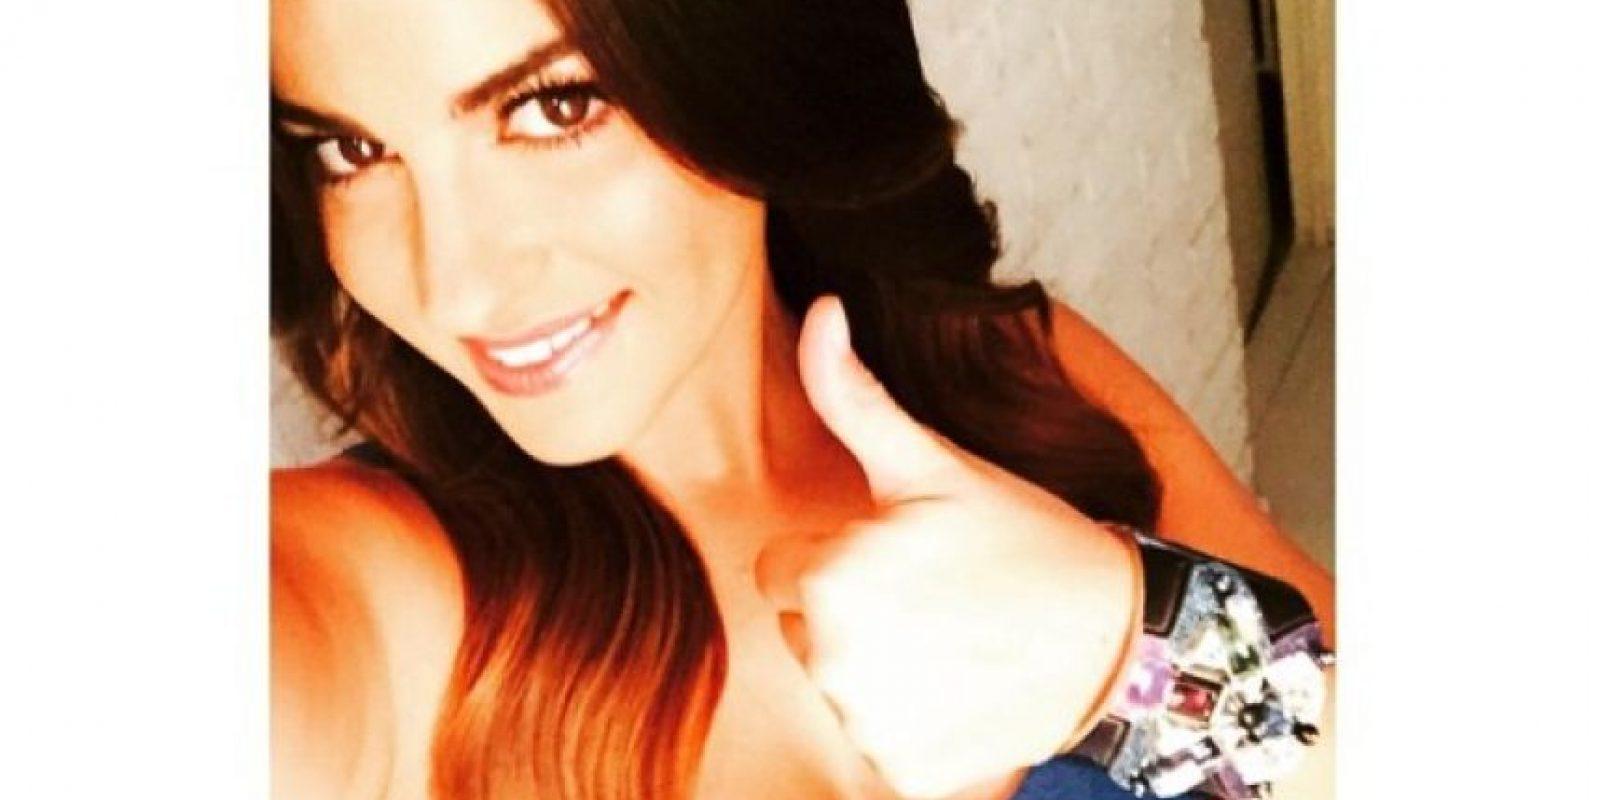 Al parecer, la cantante se tomó un descanso durante el fin de semana y lo compartió con su novio, el cantante chileno Koko Stambuk. Foto:Vía Instagram.com/maitepb